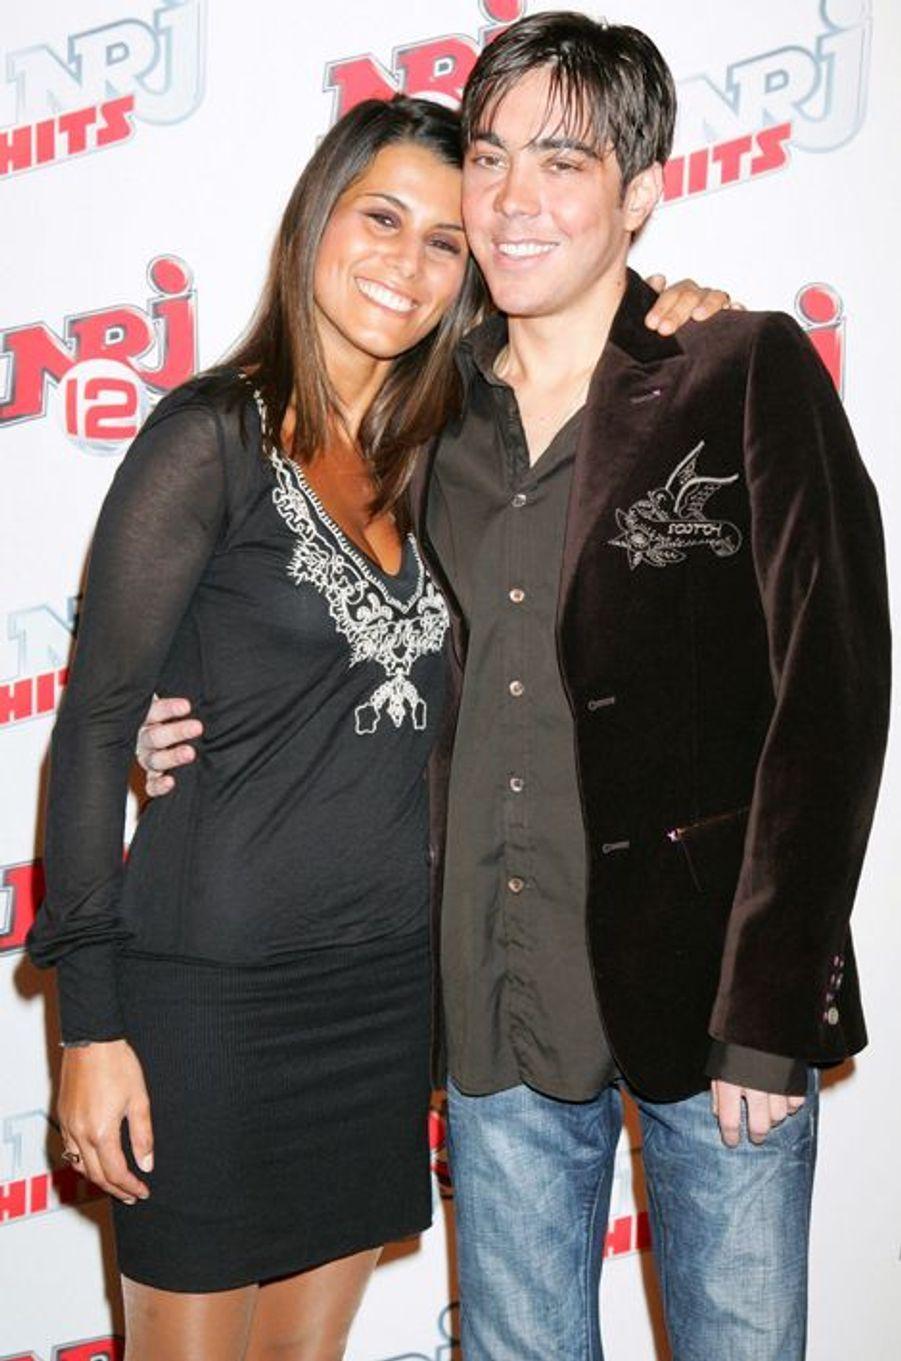 Karine Ferri et Grégory Lemarchal en mars 2007, au lancement de la chaîne NRJ12